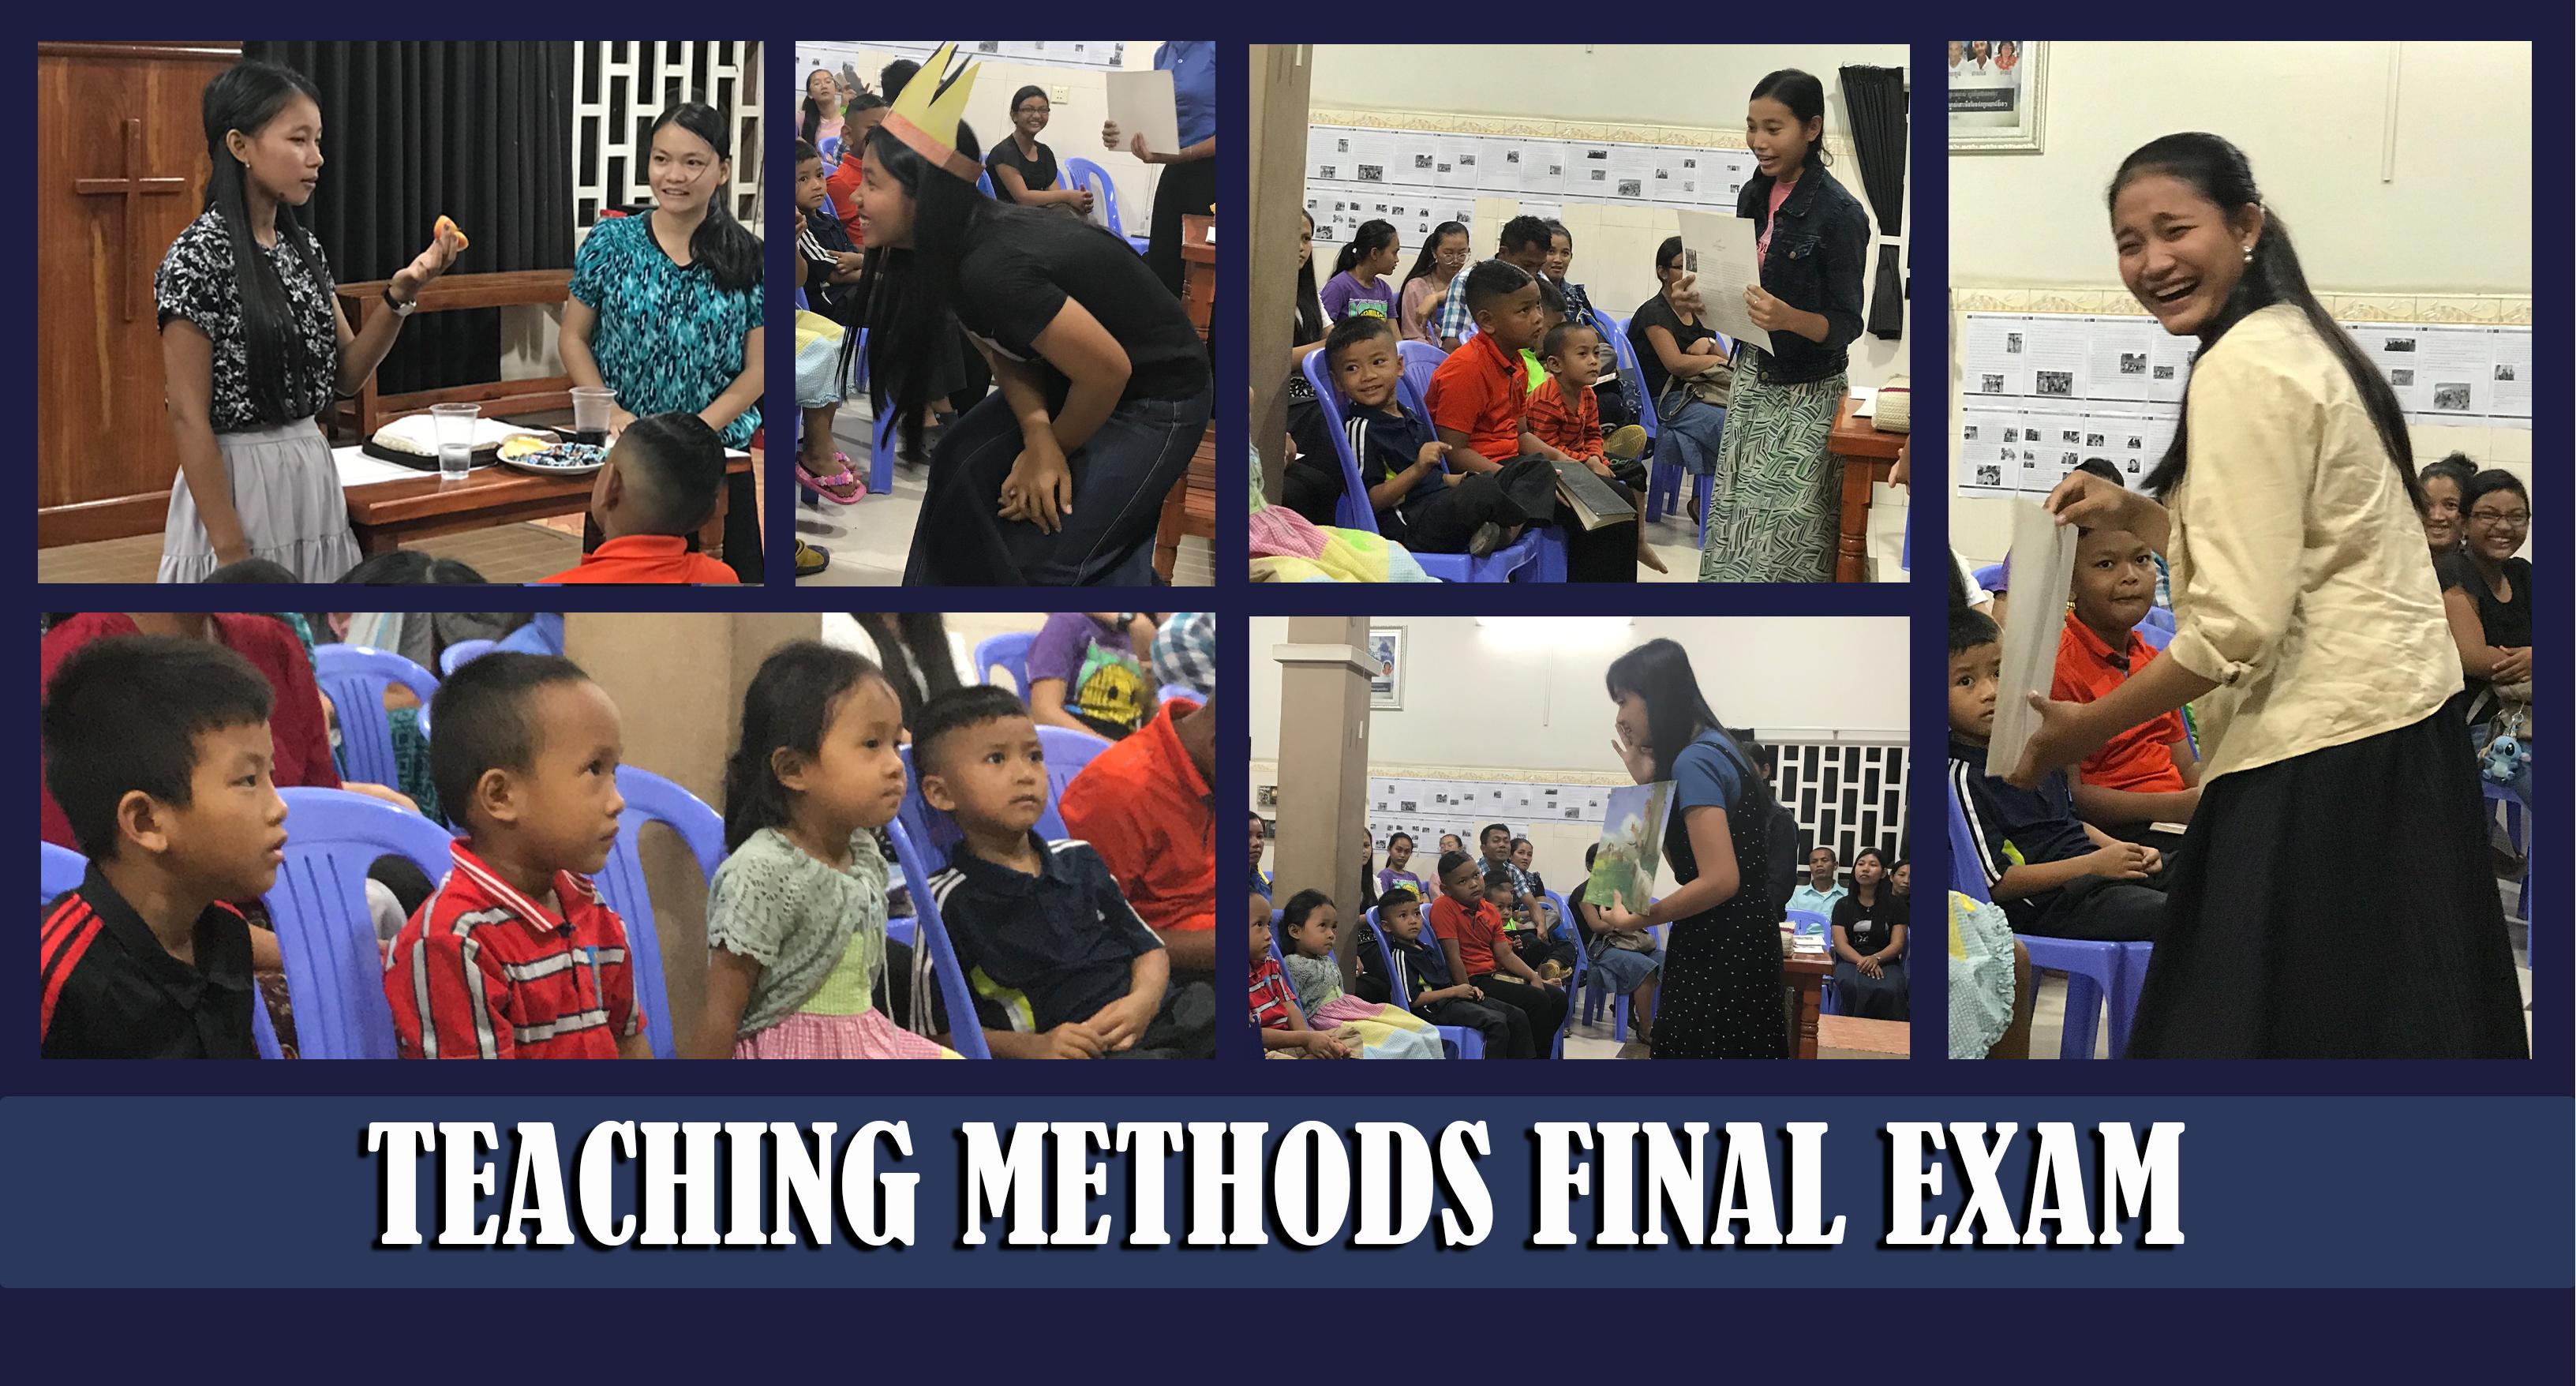 12.31.19 TEACHING METHODS PBBC